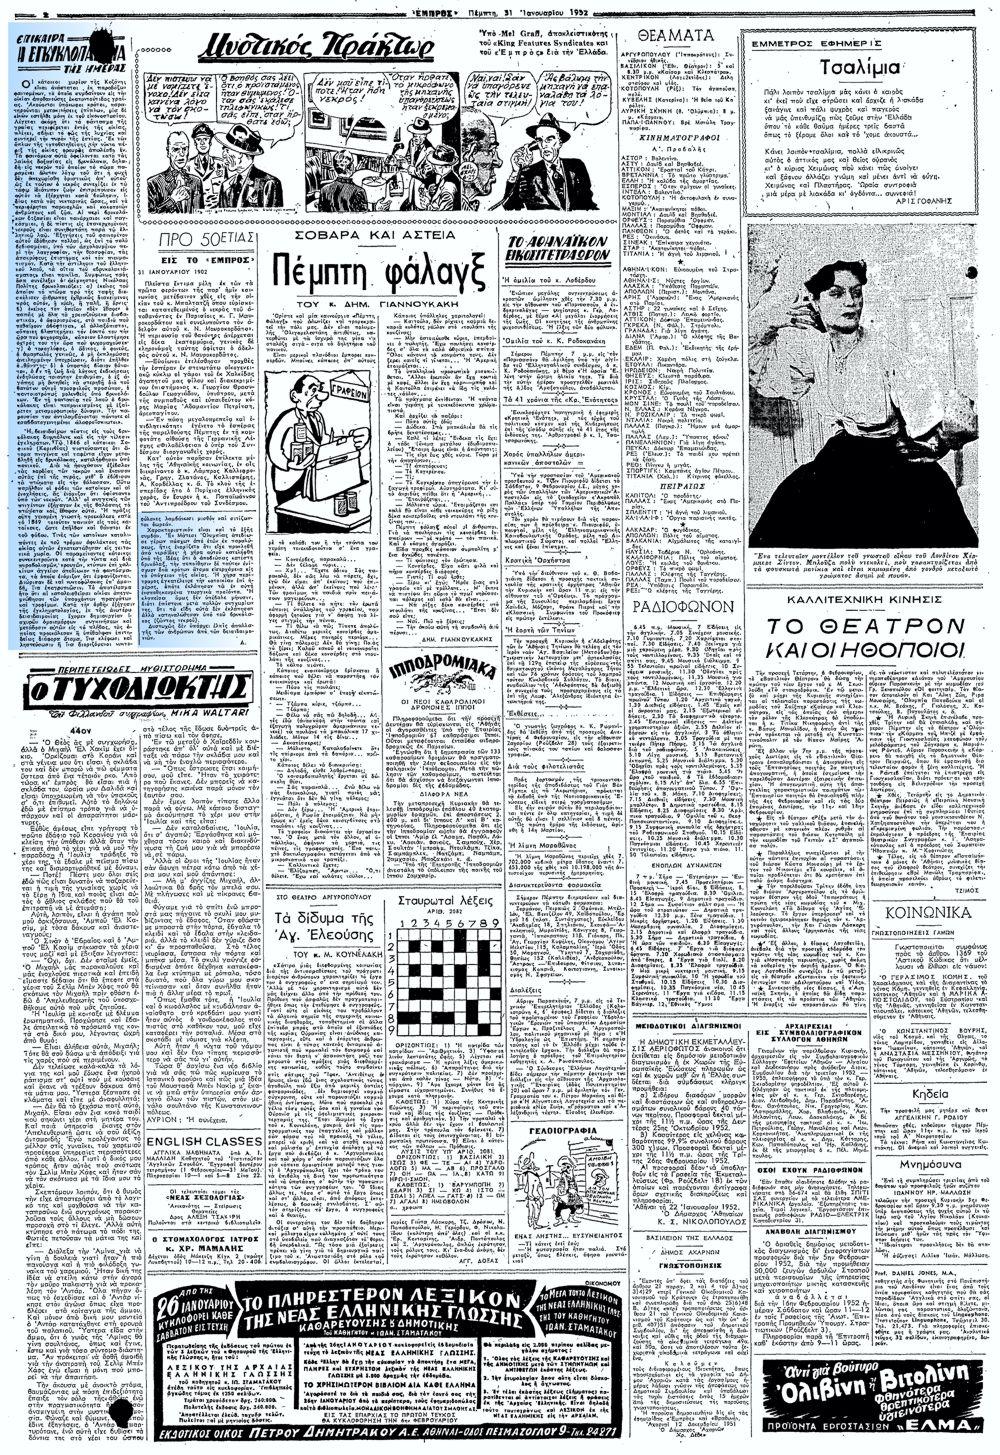 """Το άρθρο, όπως δημοσιεύθηκε στην εφημερίδα """"ΕΜΠΡΟΣ"""", στις 31/01/1952"""